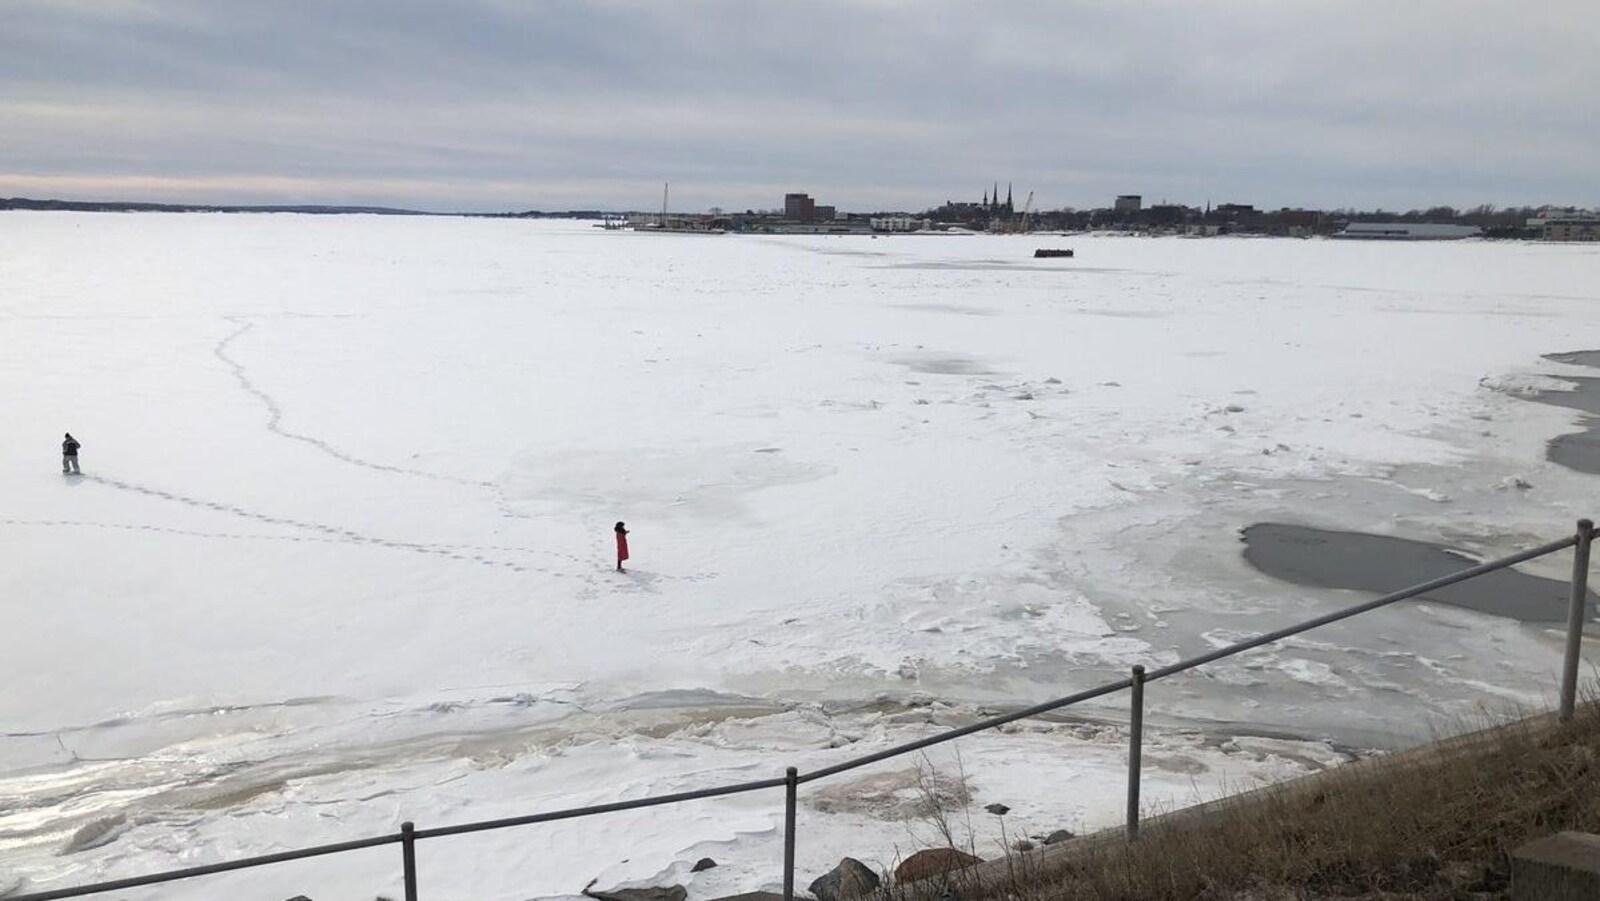 Deux personnes sur la glace avec le centre-ville de Charlottetown en arrière-plan.